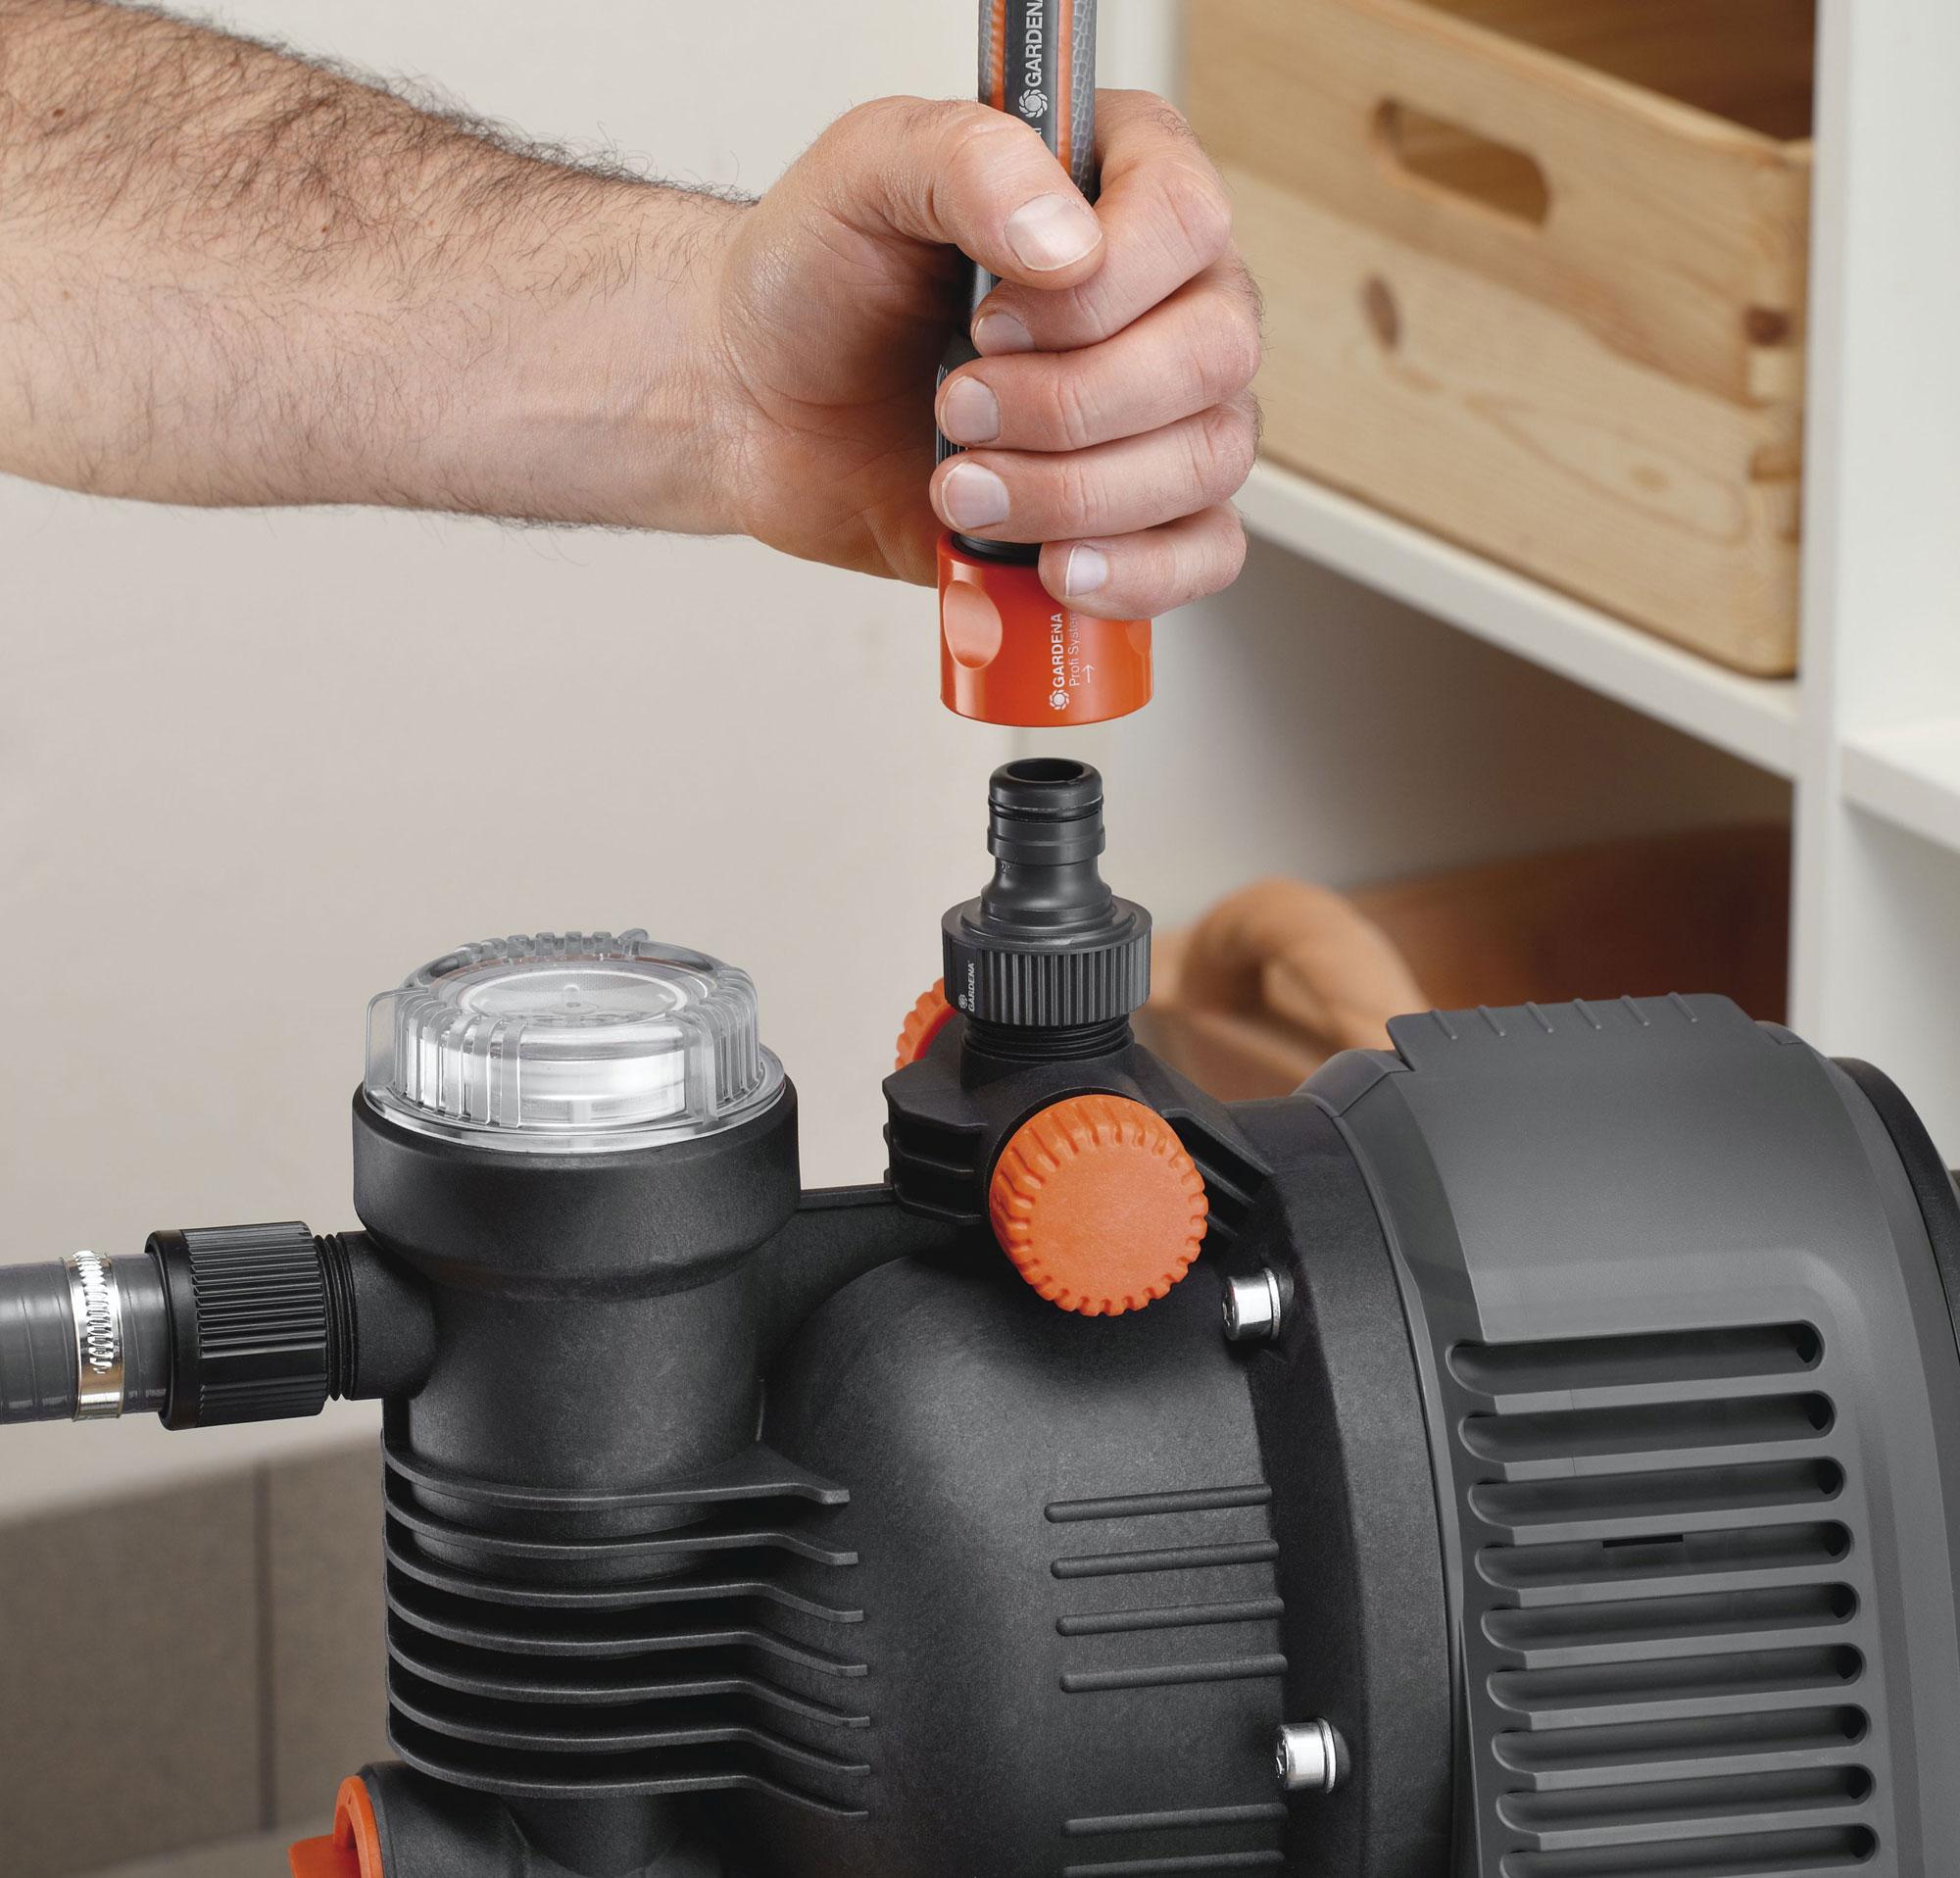 GARDENA Comfort Hauswasserwerk 5000/5 eco 01755-20 Bild 2